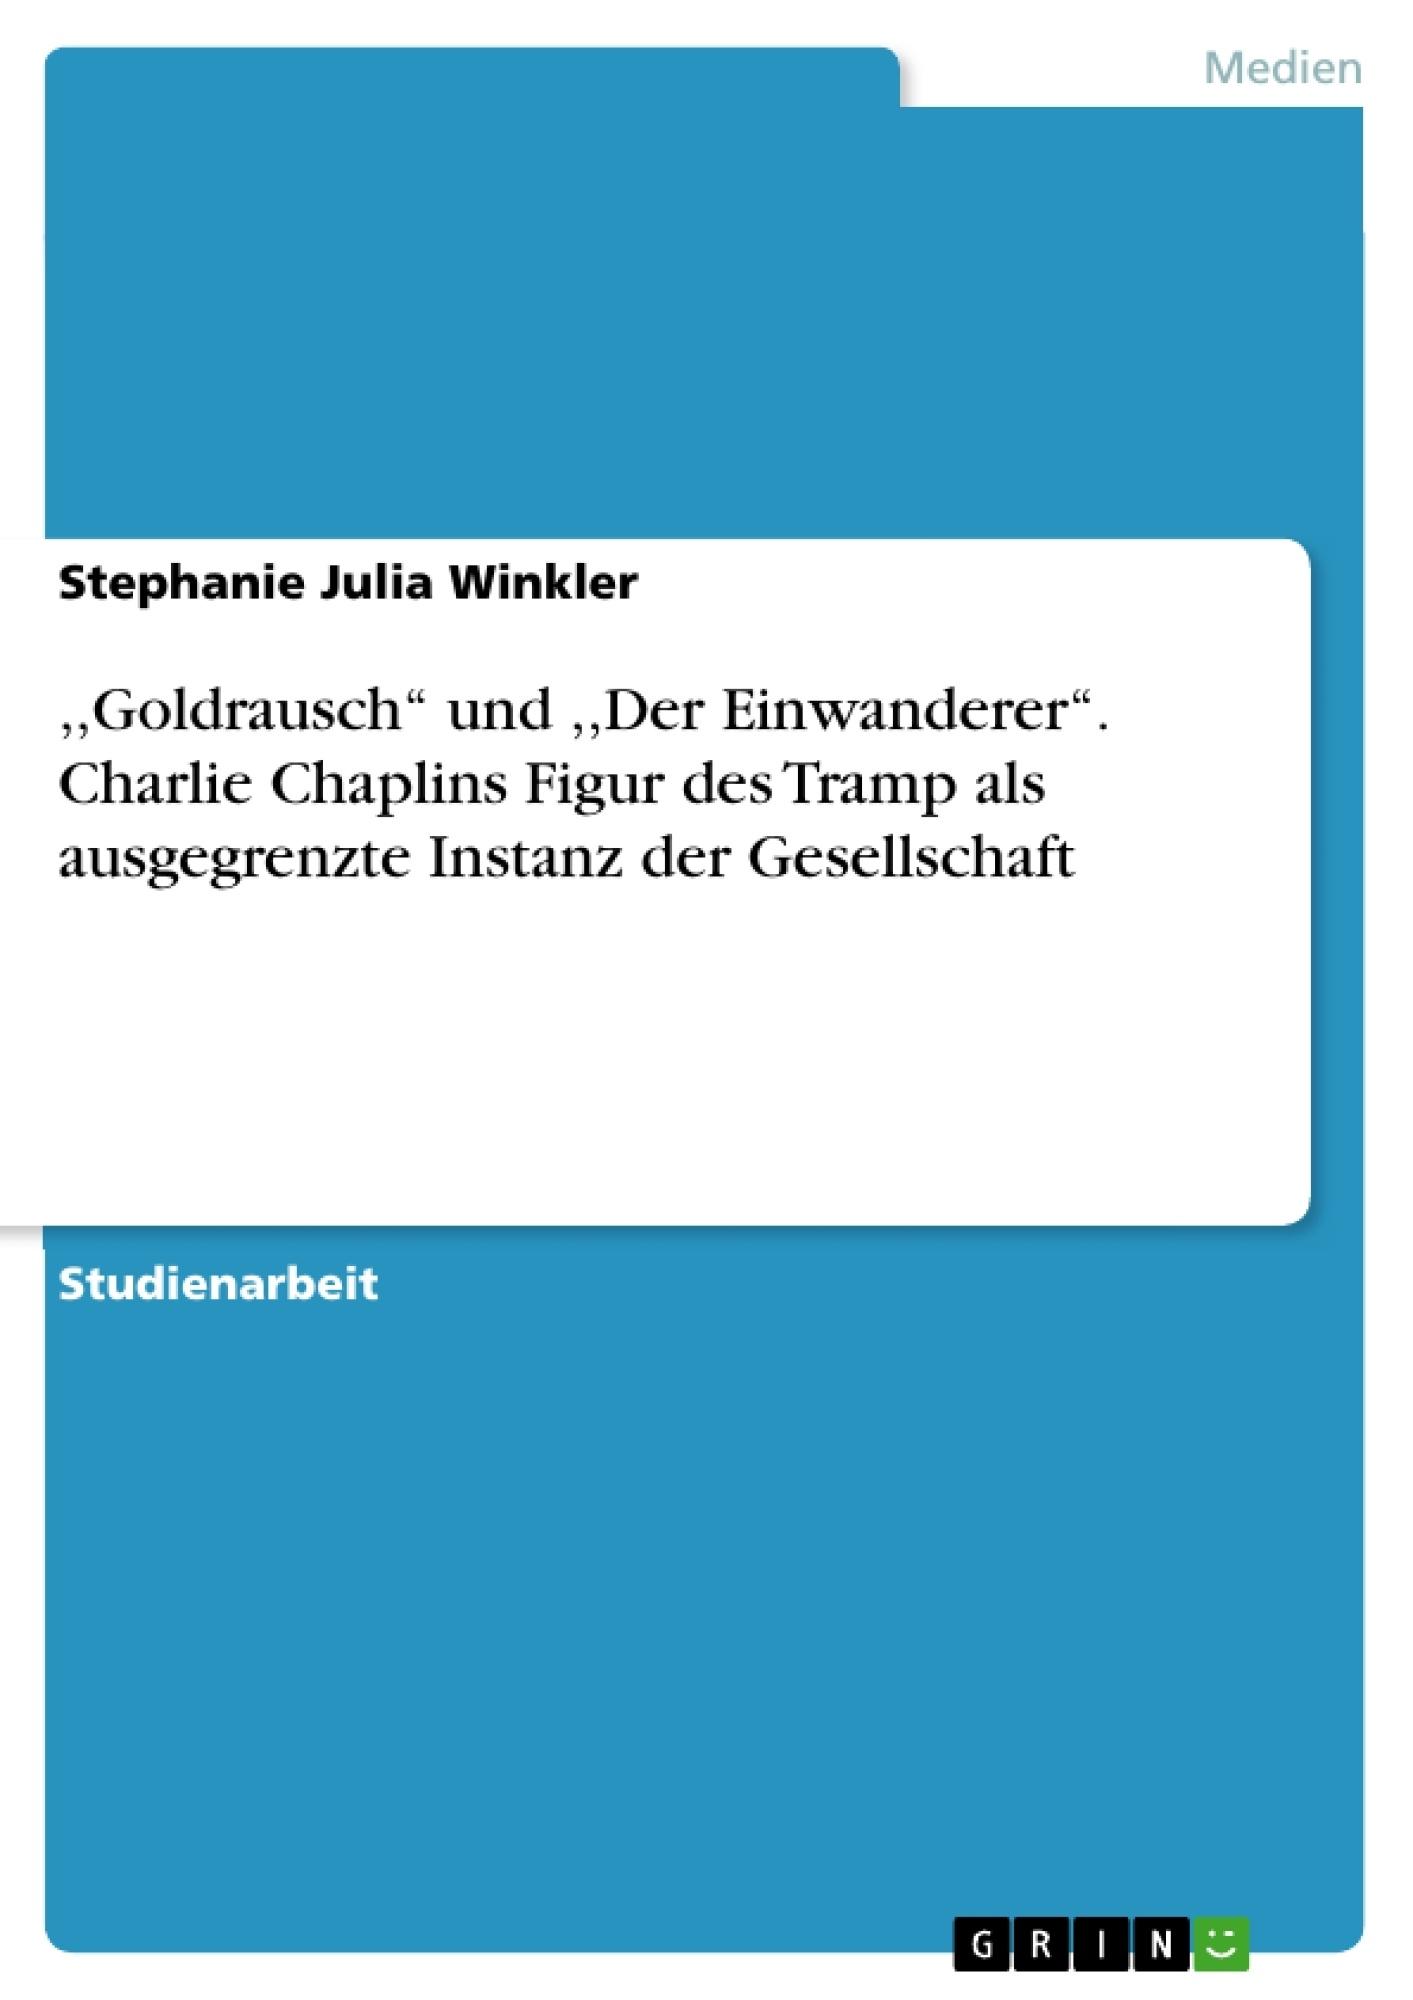 Titel: ,,Goldrausch'' und ,,Der Einwanderer''. Charlie Chaplins Figur des Tramp als ausgegrenzte Instanz der Gesellschaft